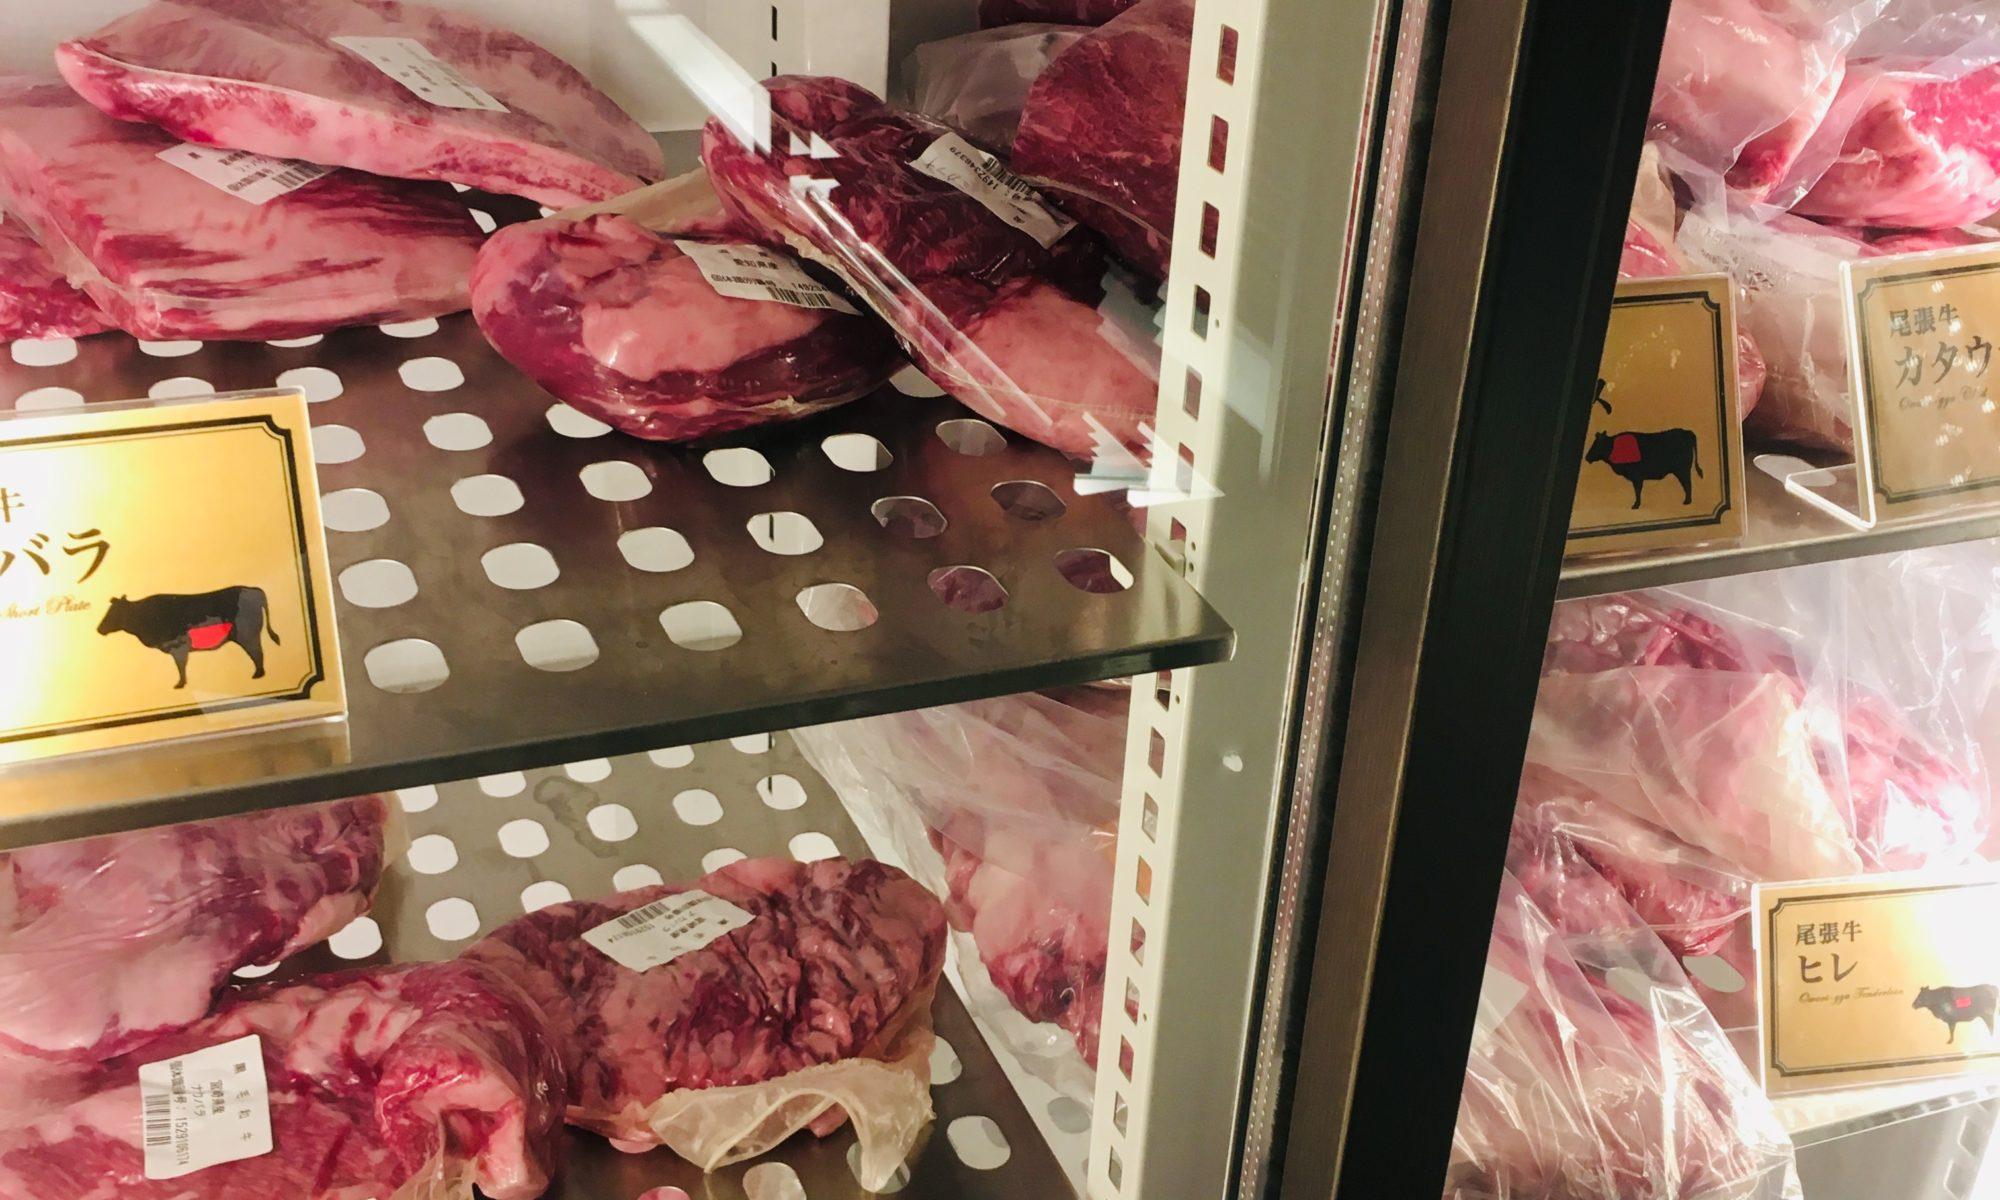 中には良質なお肉がいっぱい